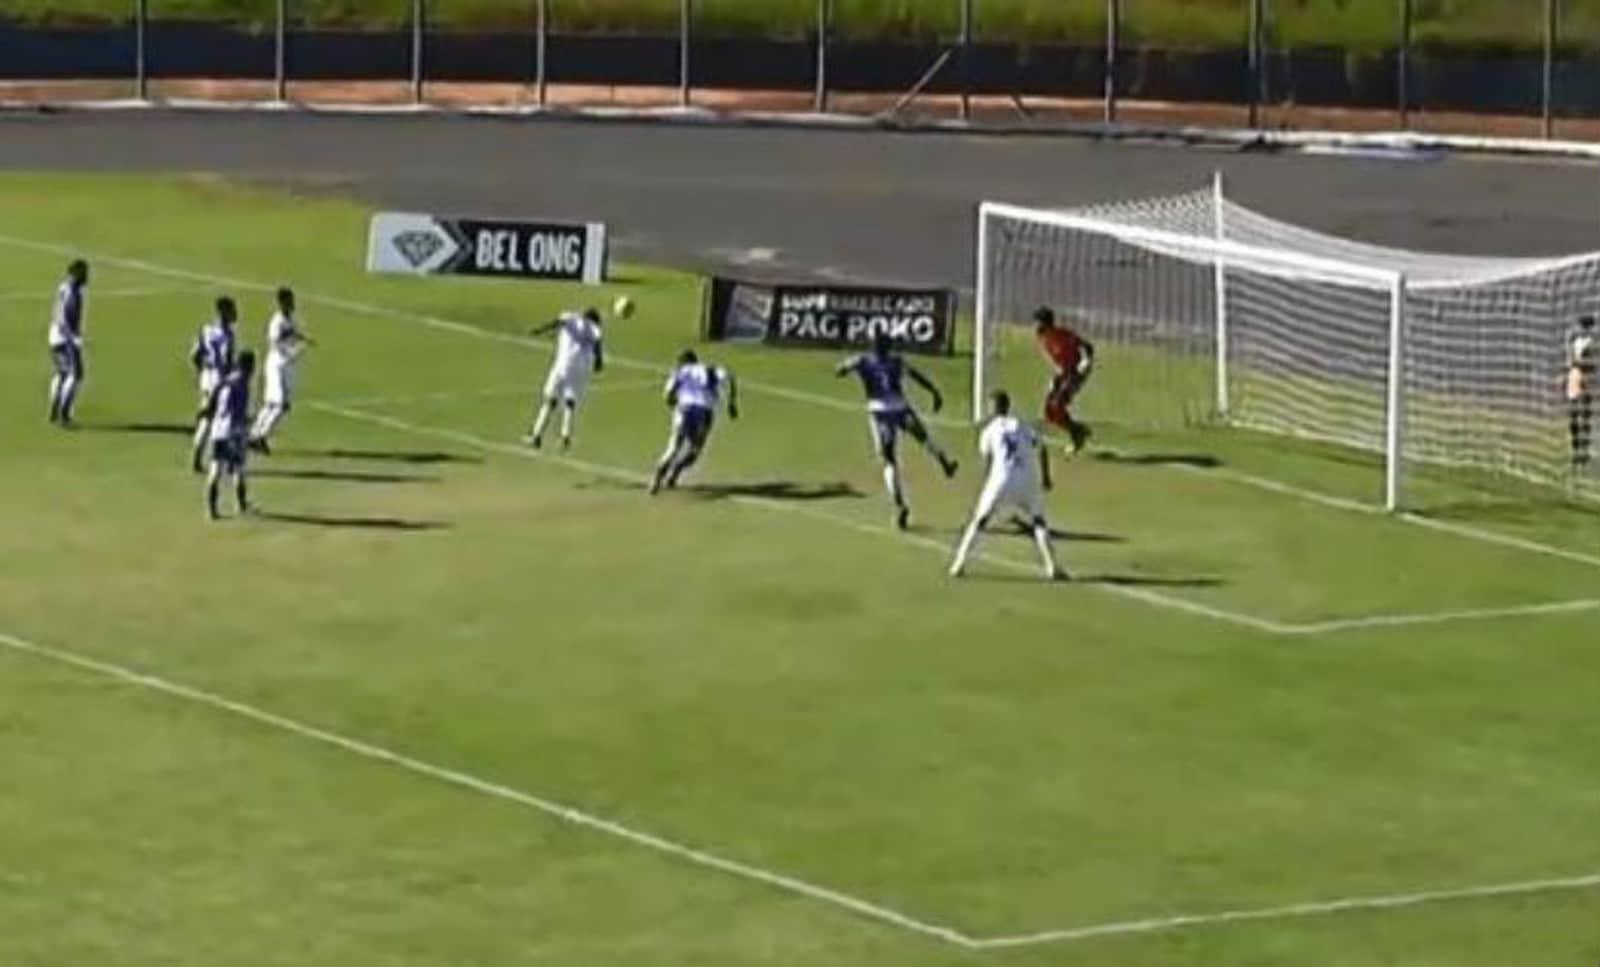 Lance da partida entre Assisense e Elosport, disputada no Estádio Tonicão, em Assis — Foto: FPF TV/Reprodução